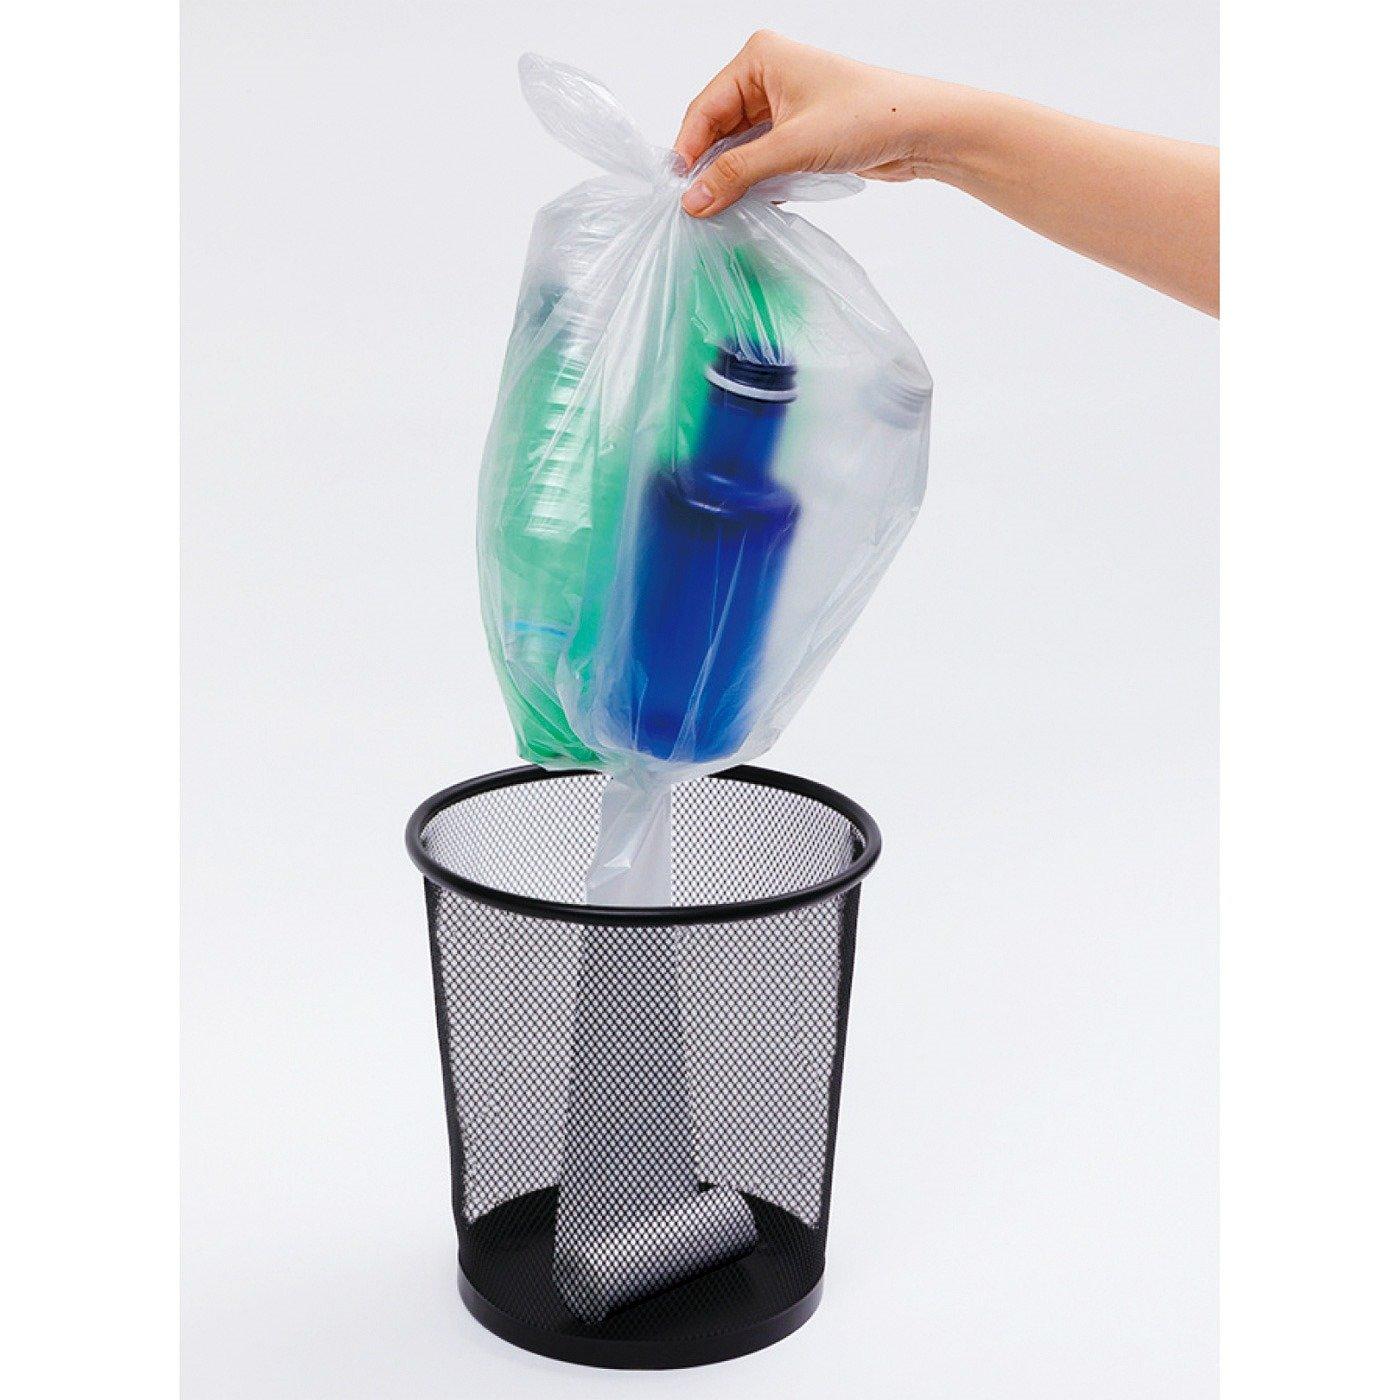 20枚の袋がロールになってコンパクト 次が使いやすいロール状ゴミ袋〈20L〉の会